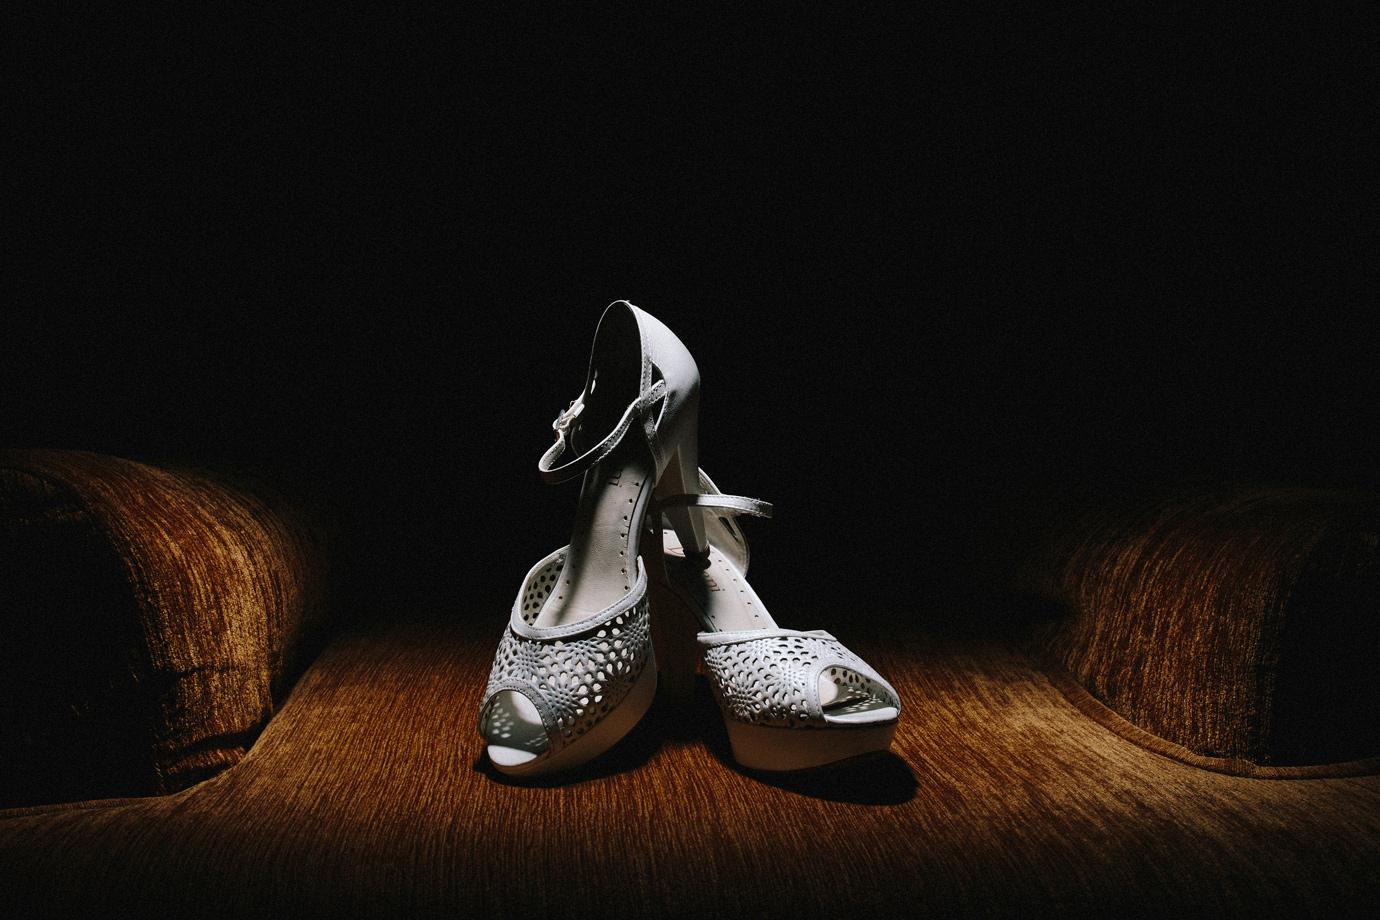 fotografo de bodas en malaga archidona granada madrid tacones novia